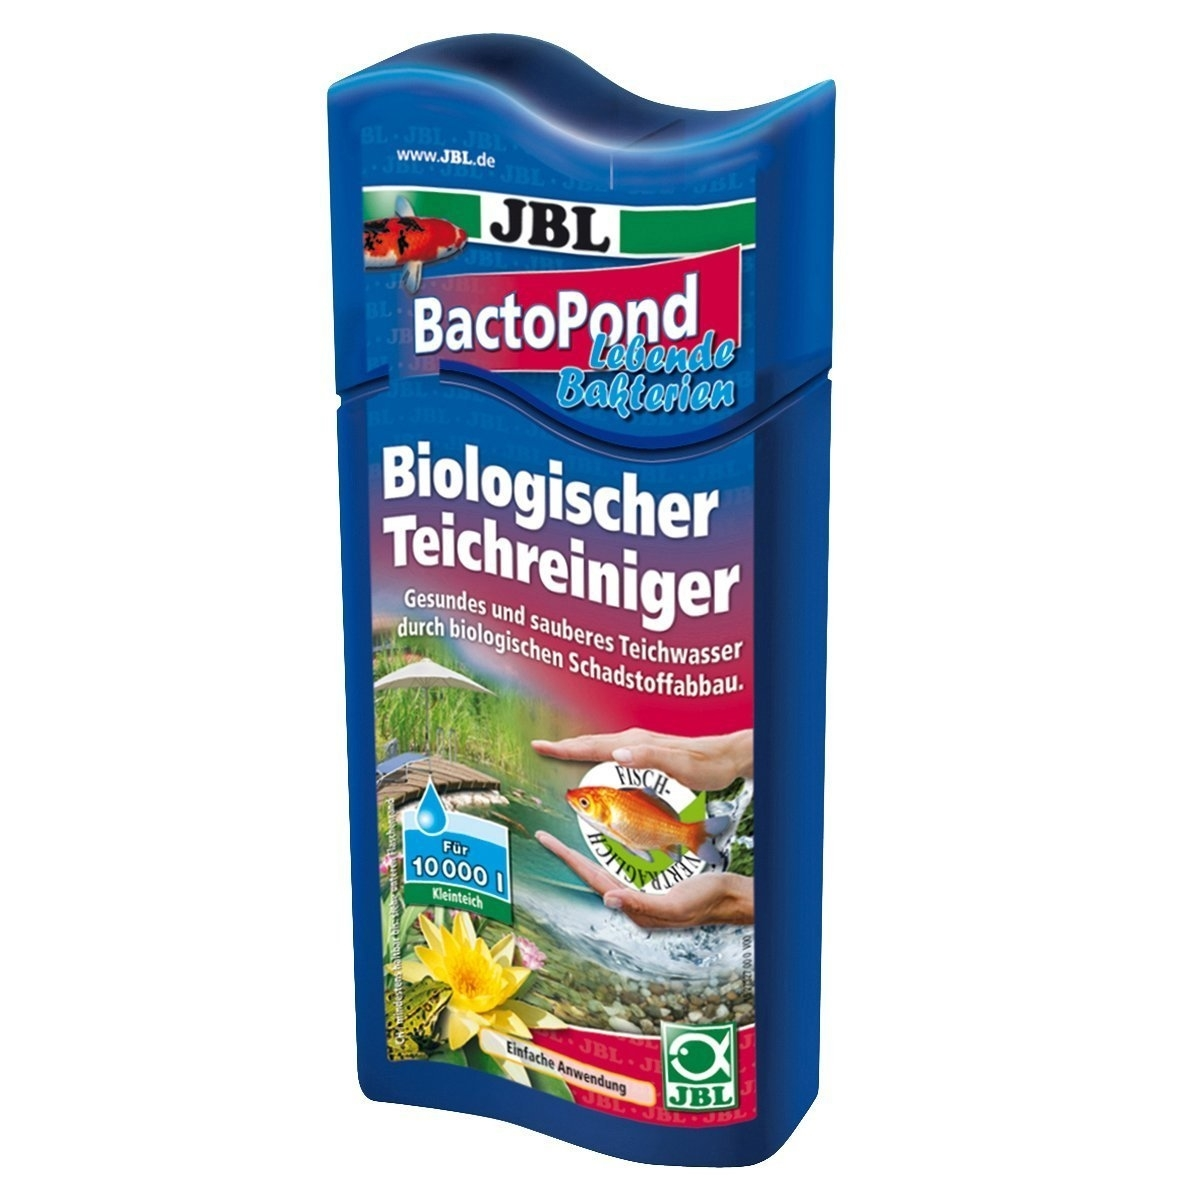 JBL BactoPond Bakterien zur Selbstreinigung vom Teich, 500 ml